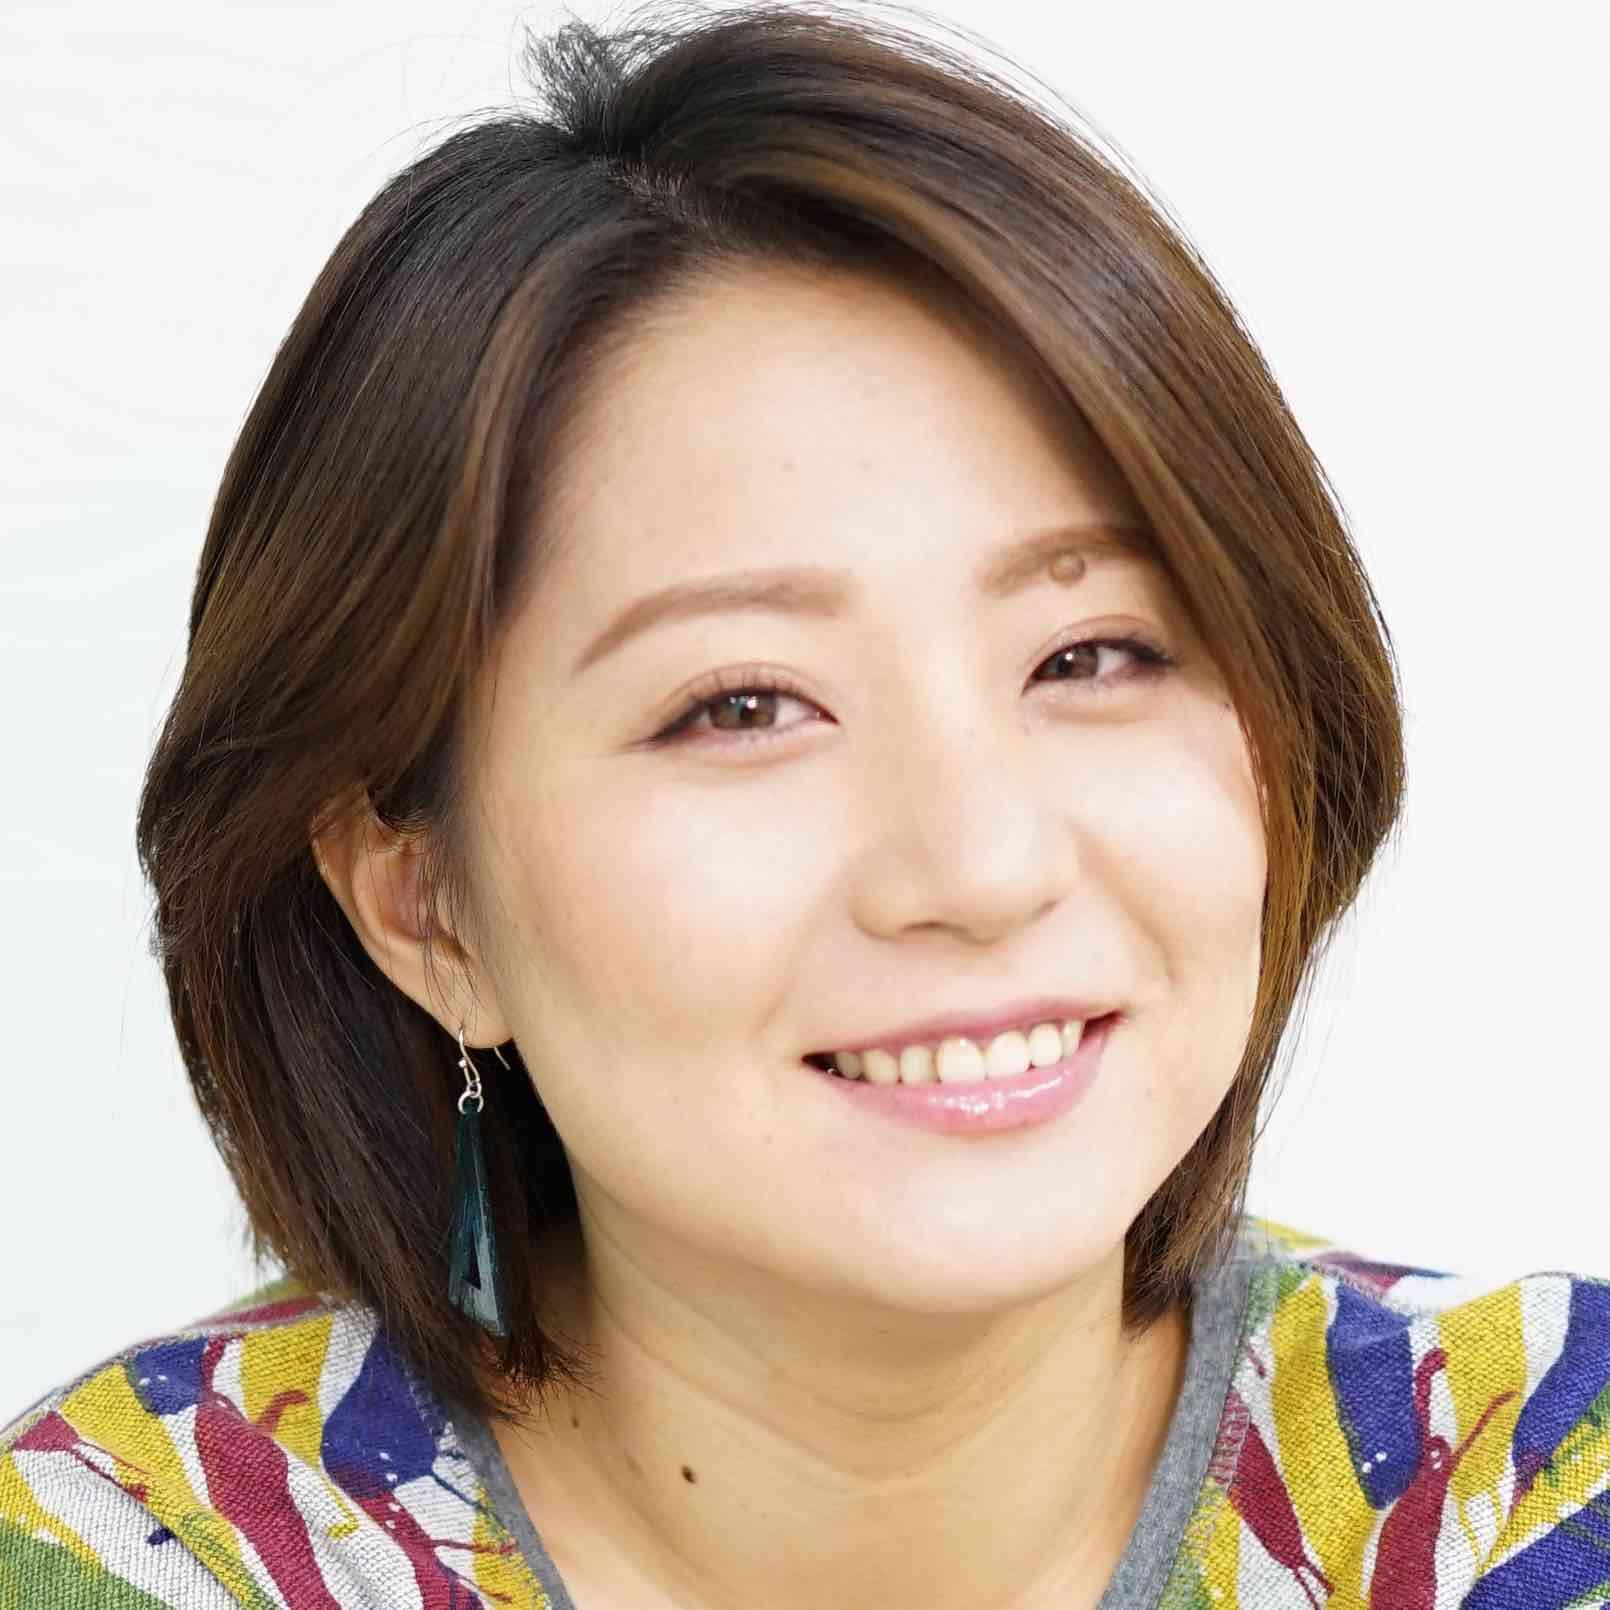 SAKATA_Camのプロフィール画像